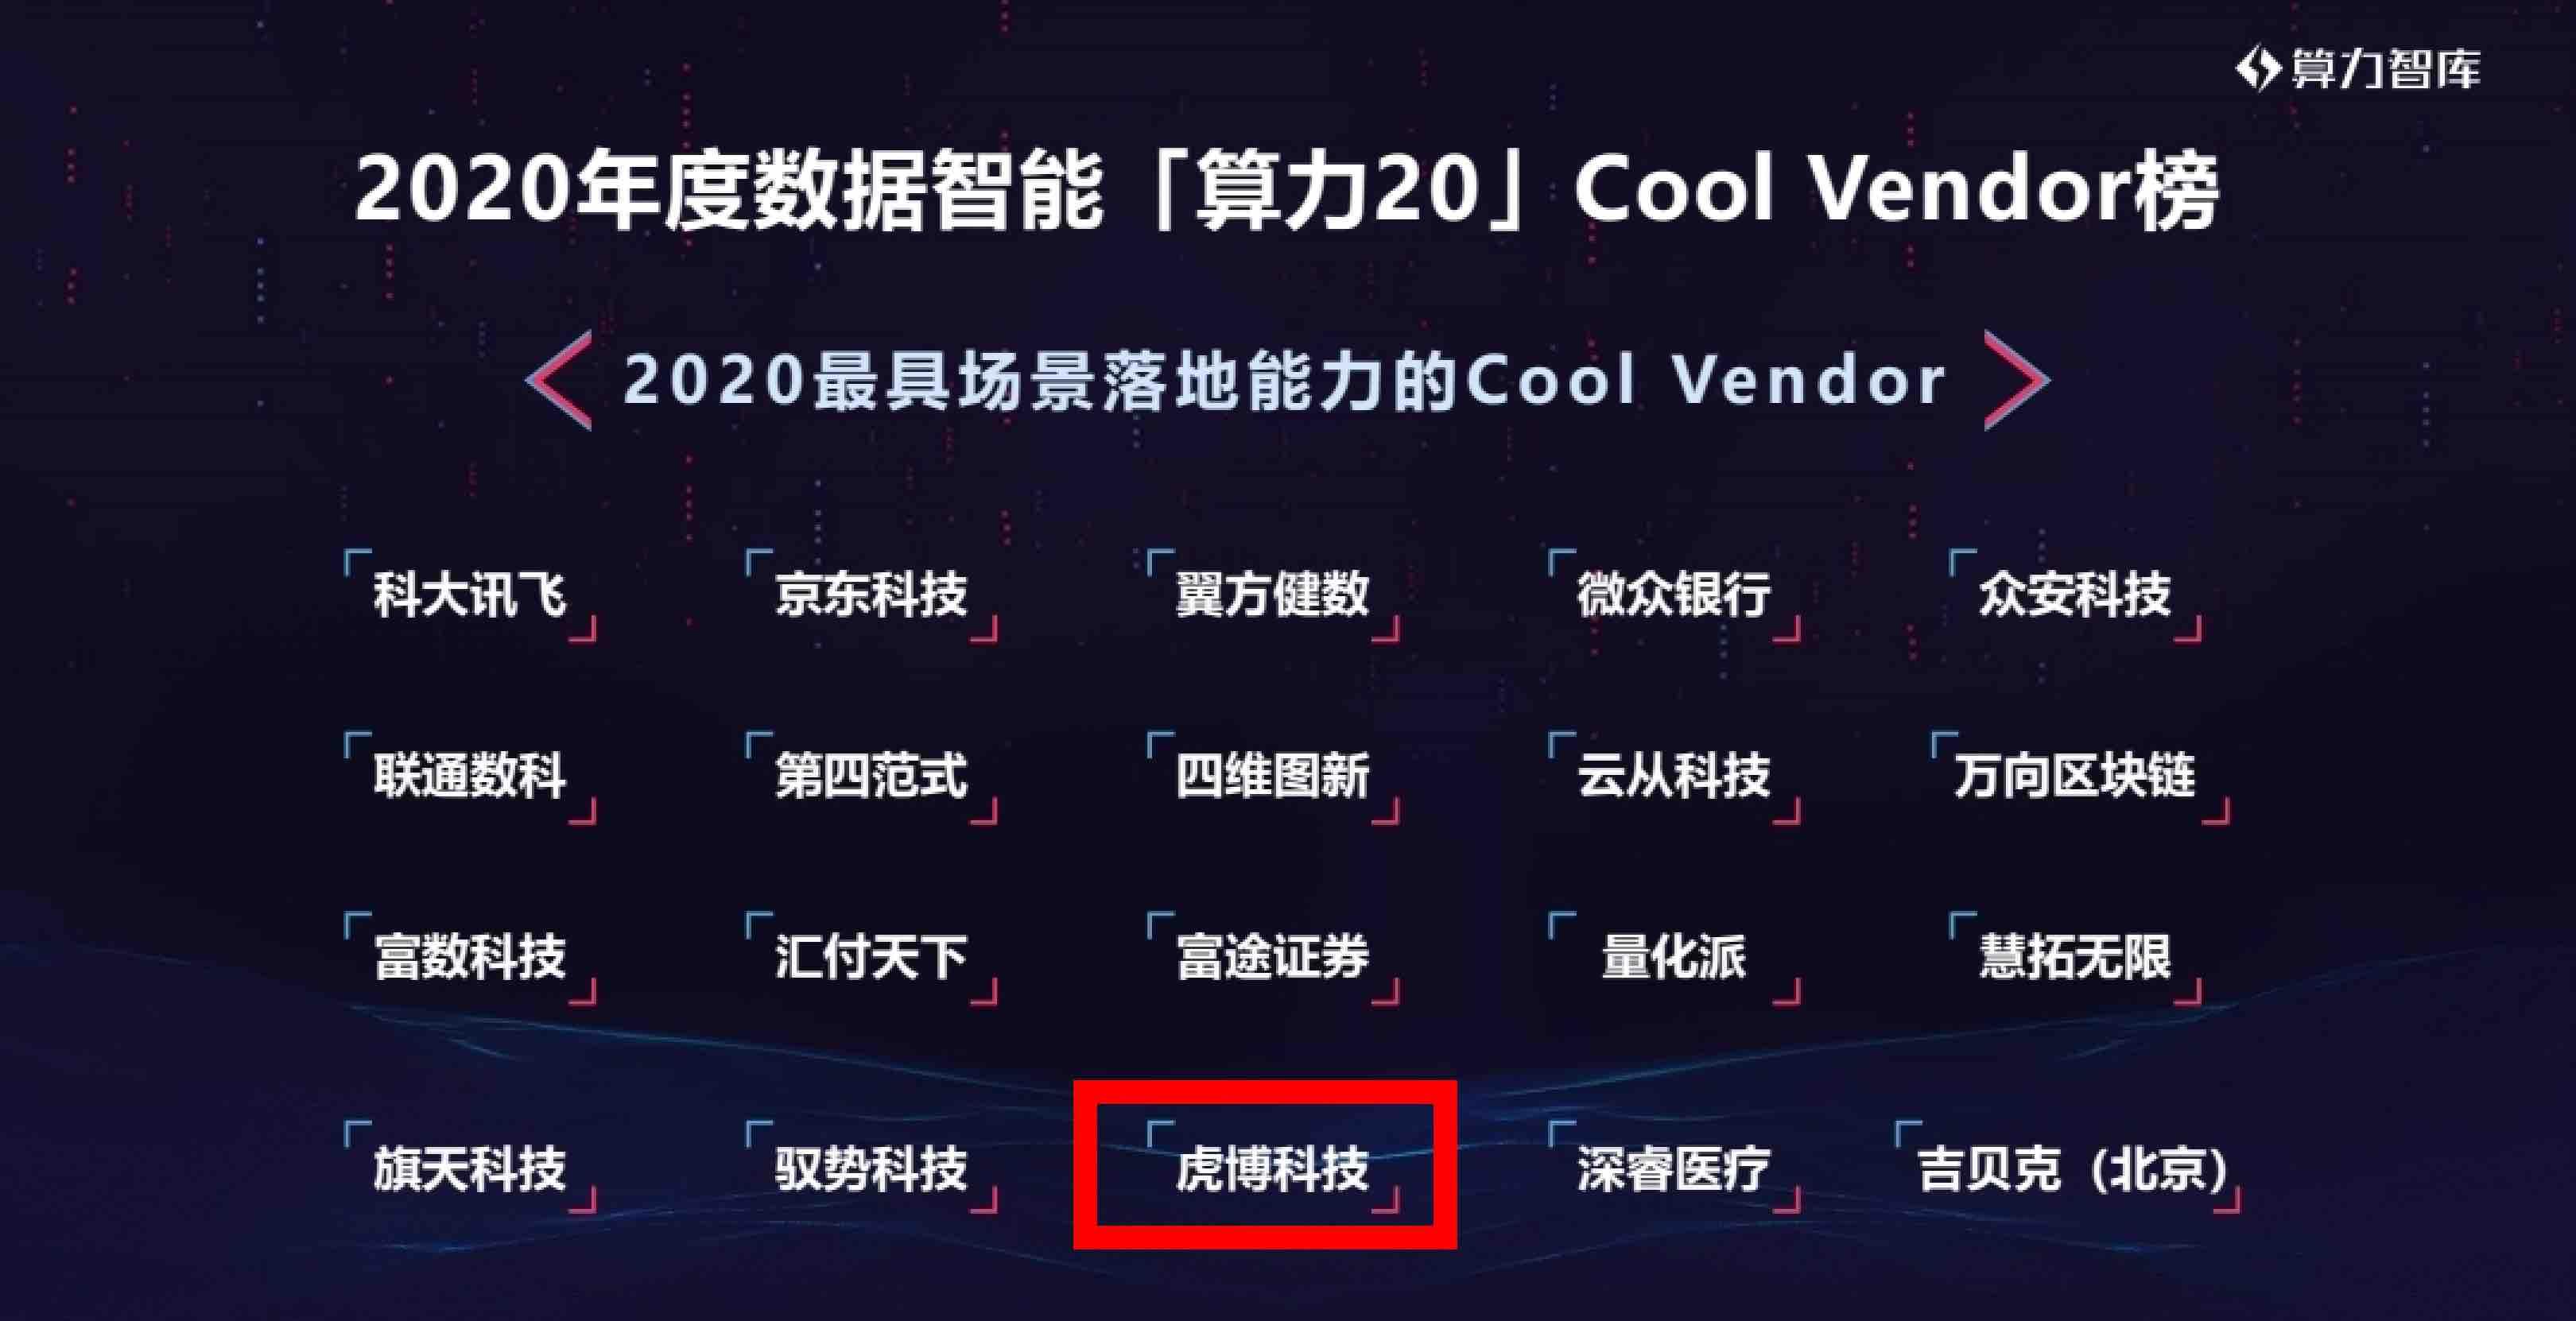 虎博科技获评2020最具场景落地能力的Cool Vendor